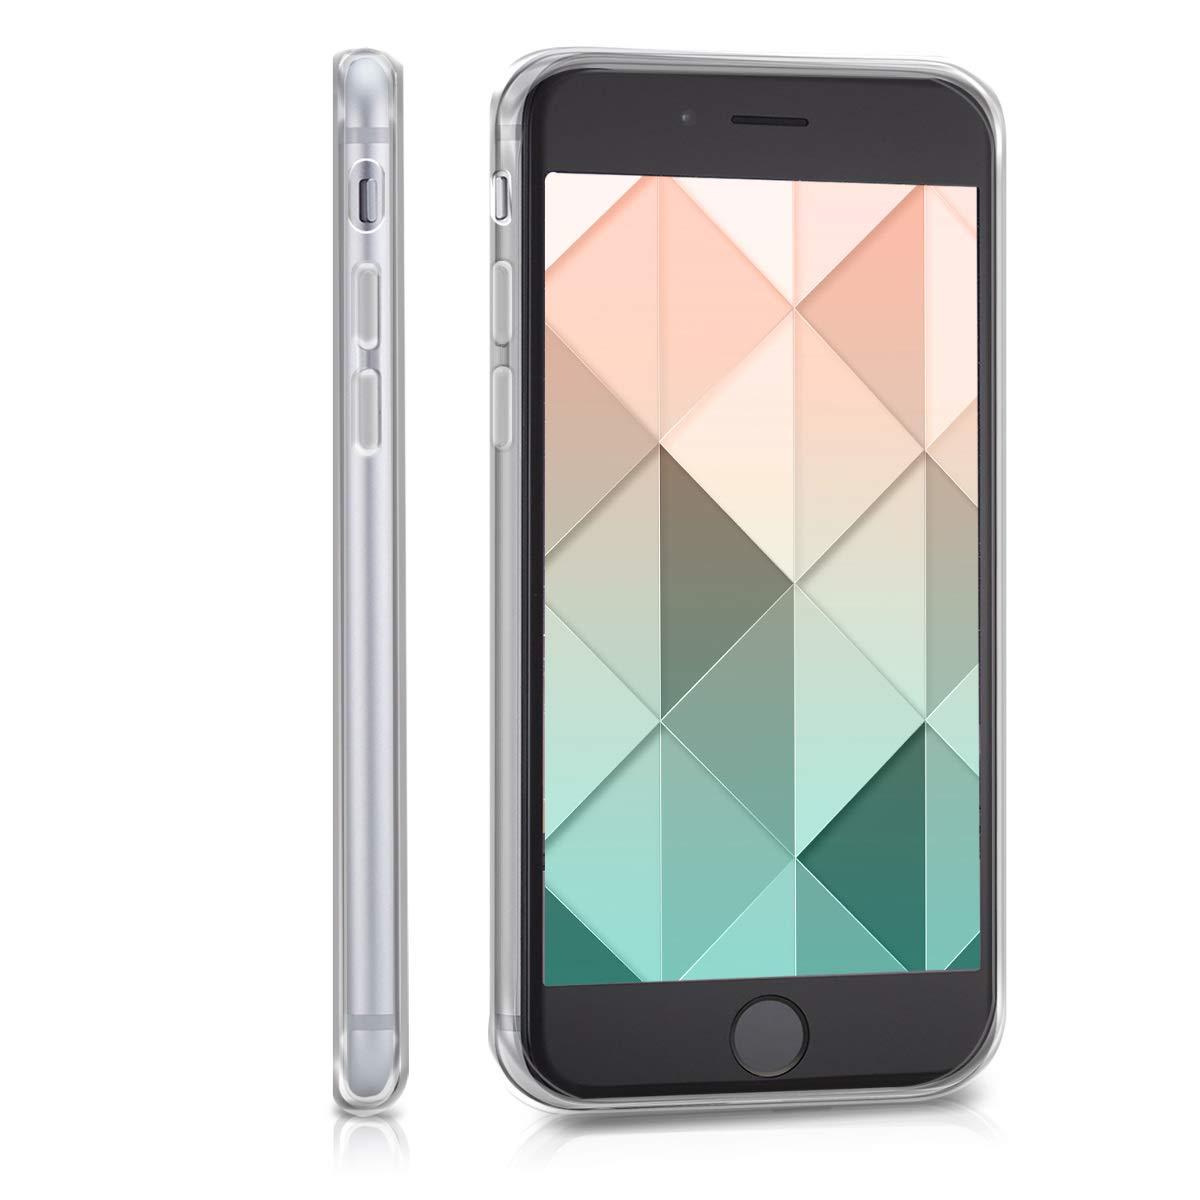 6S Carcasa de m/óvil de Silicona con Tarjetero y Acabado de Goma kwmobile Funda para Apple iPhone 6 Amarillo